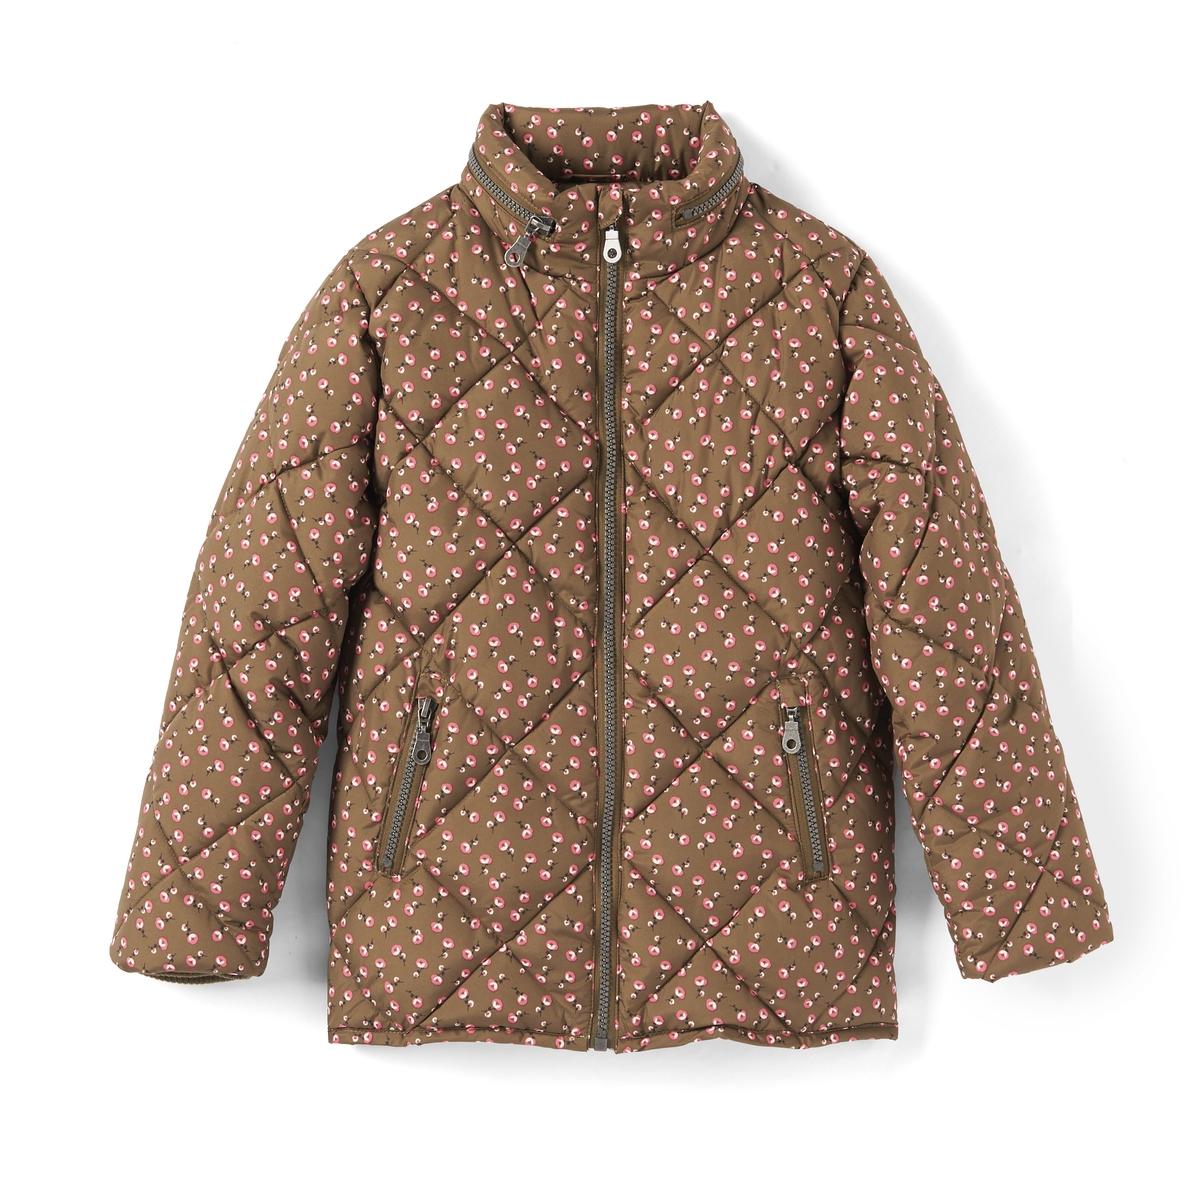 Куртка стеганая с капюшоном и рисунком, 3-12 лет куртка из твида 3 12 лет